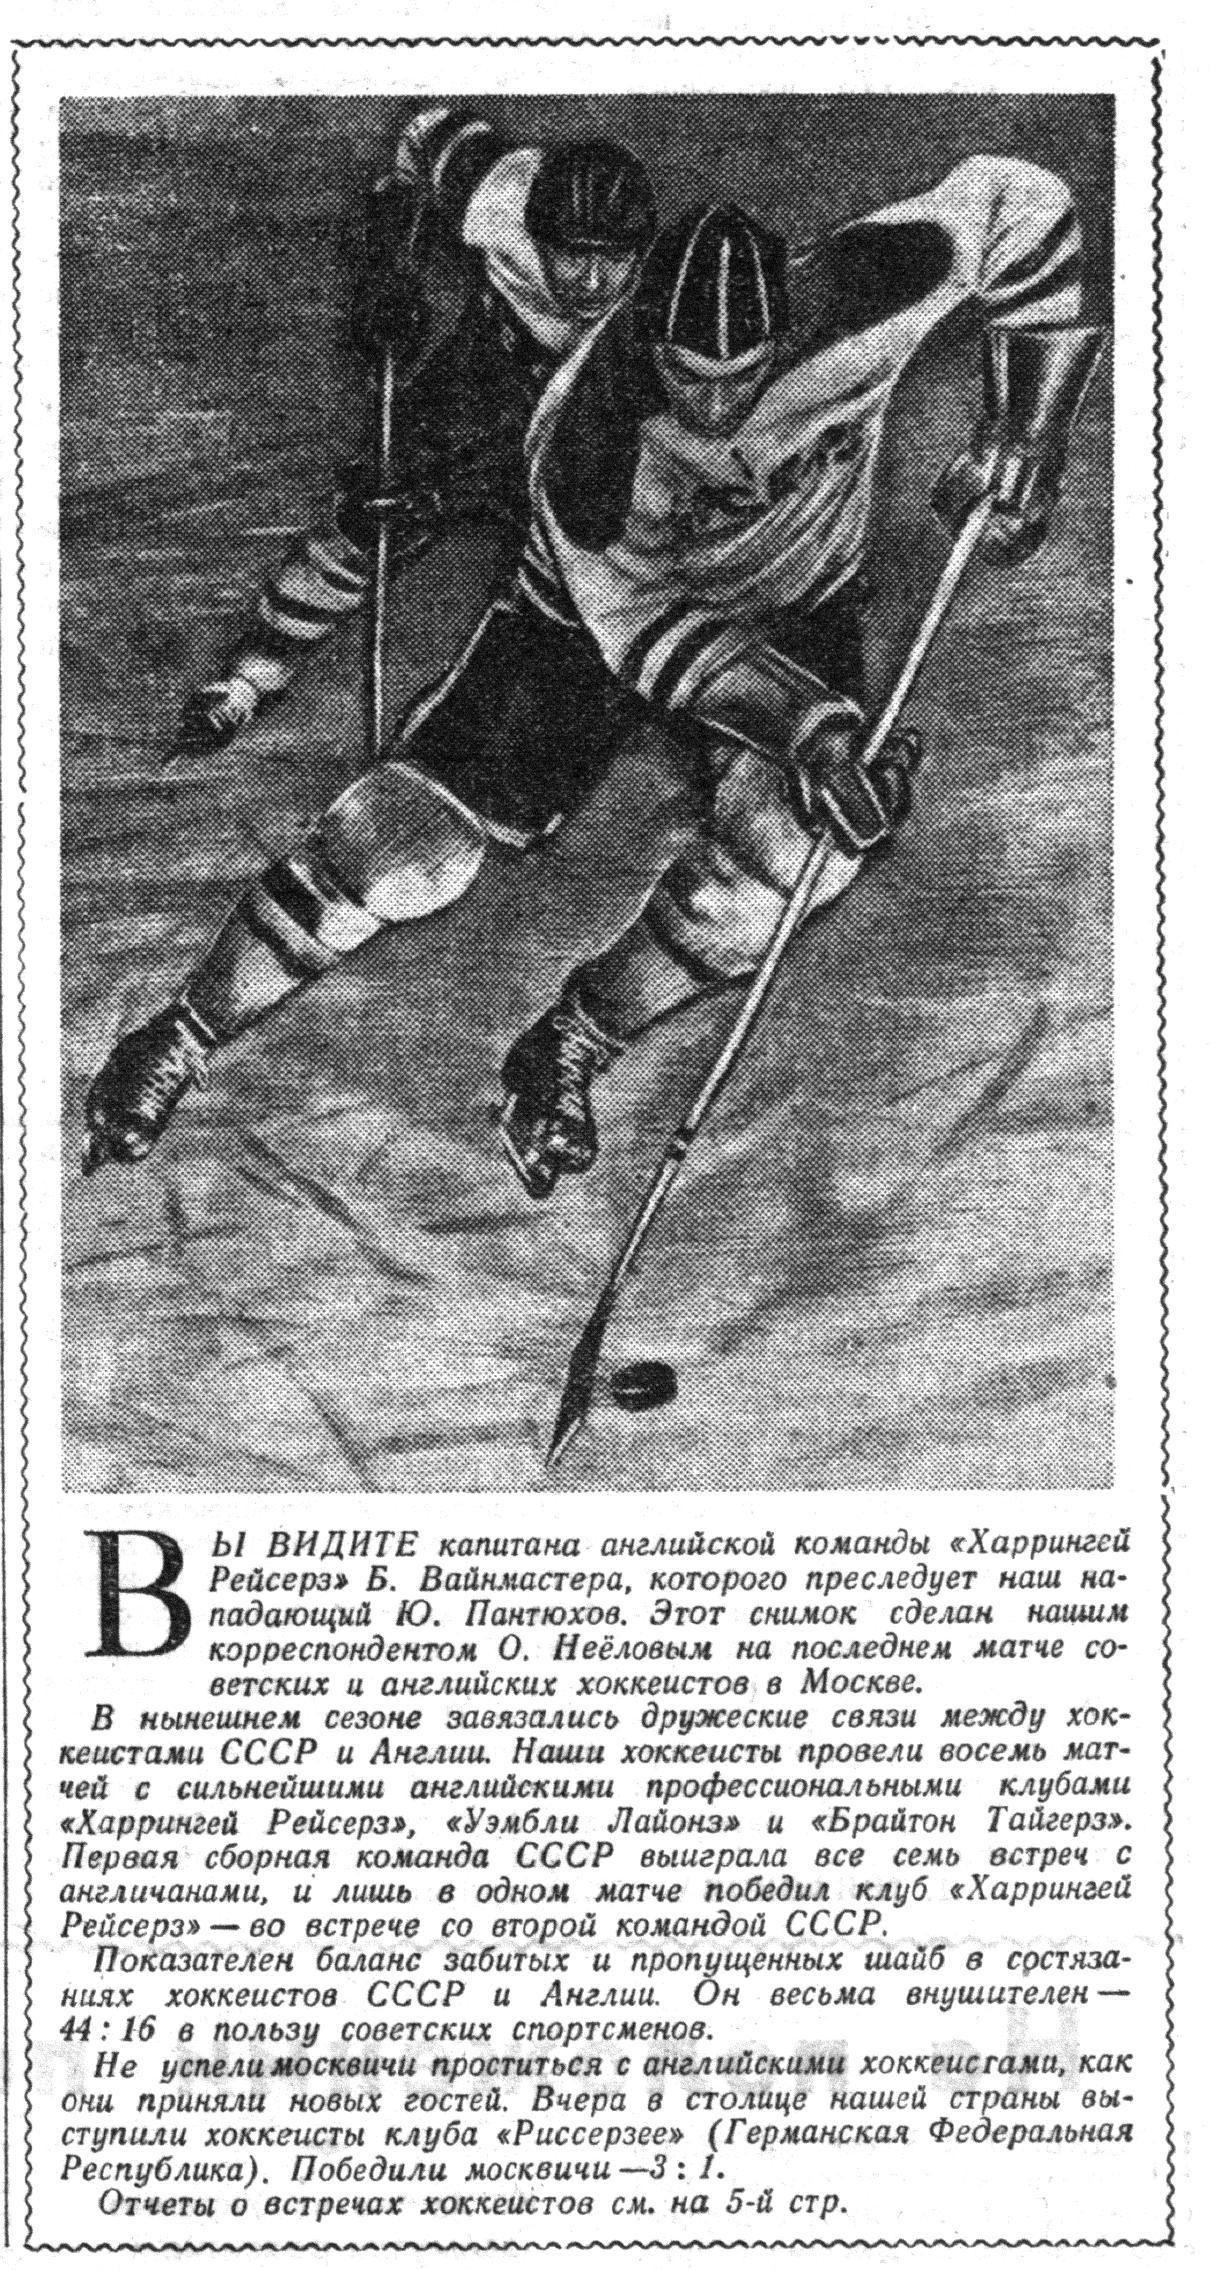 Sov_sport_1955_12_17_N151_s1.JPG